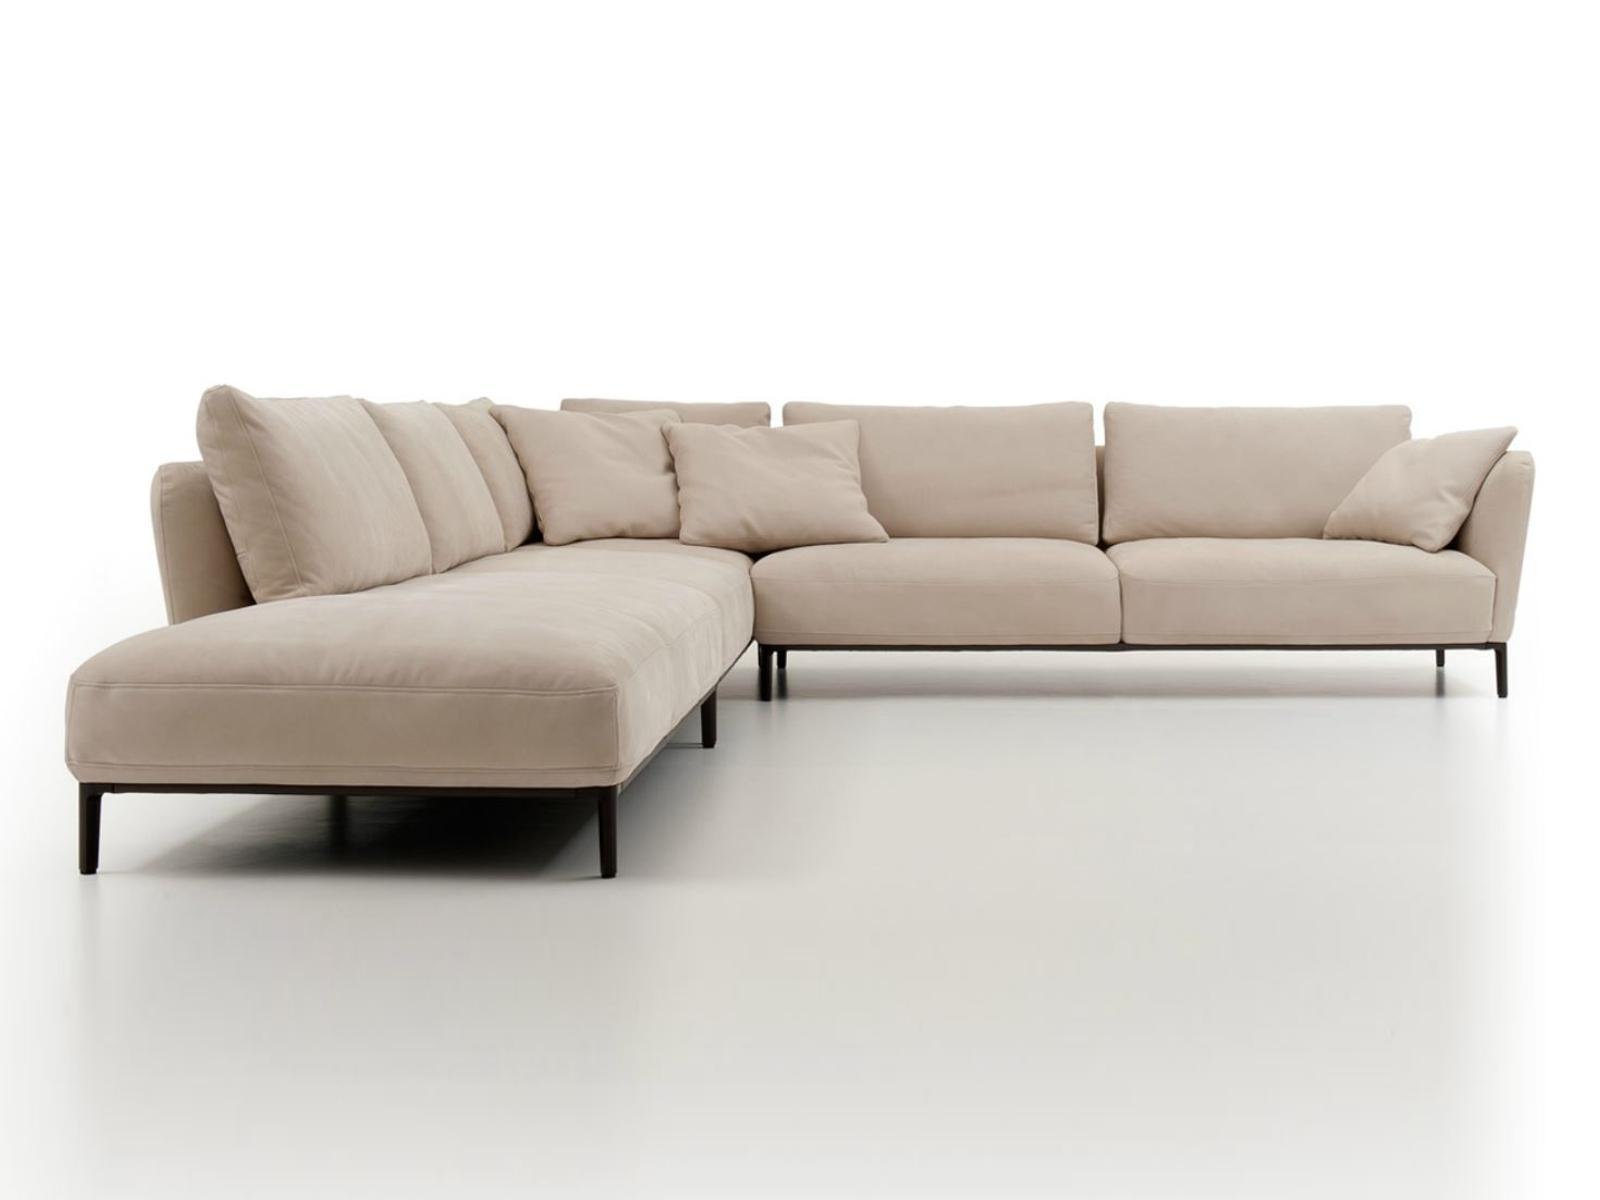 Alan White Sofa With Inspiration Photo 6310 | Kengire Within Allen White Sofas (View 13 of 20)